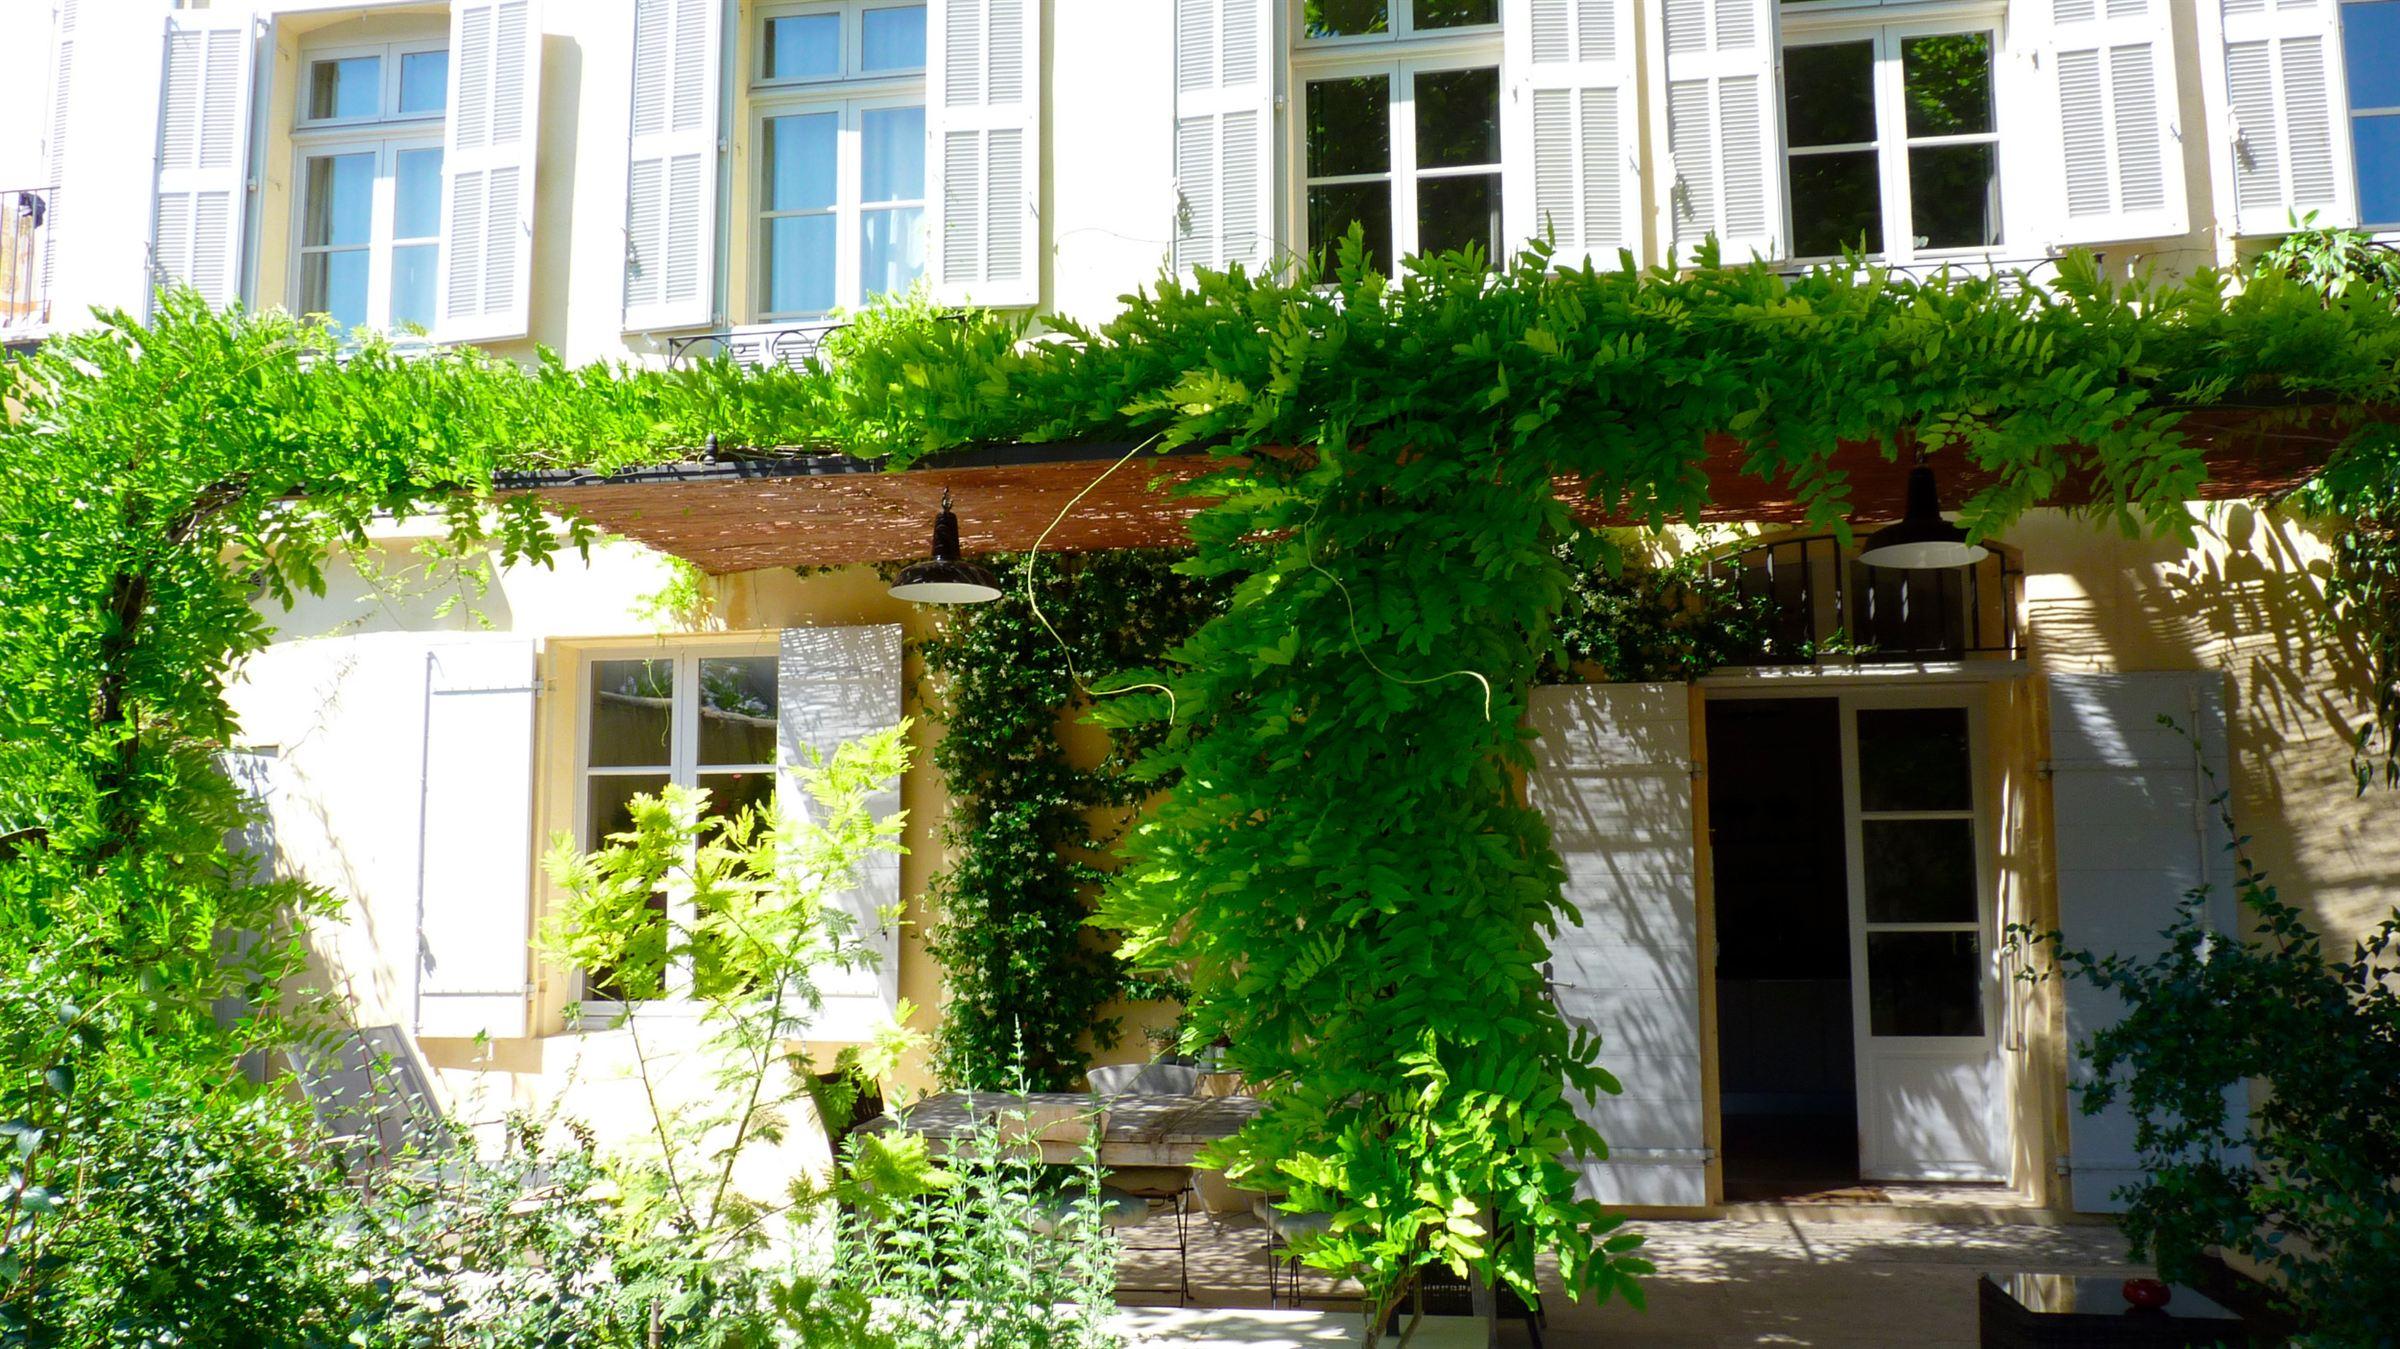 Property For Sale at Magnifique duplex rénové dans Hôtel Particulier XVIIIéme